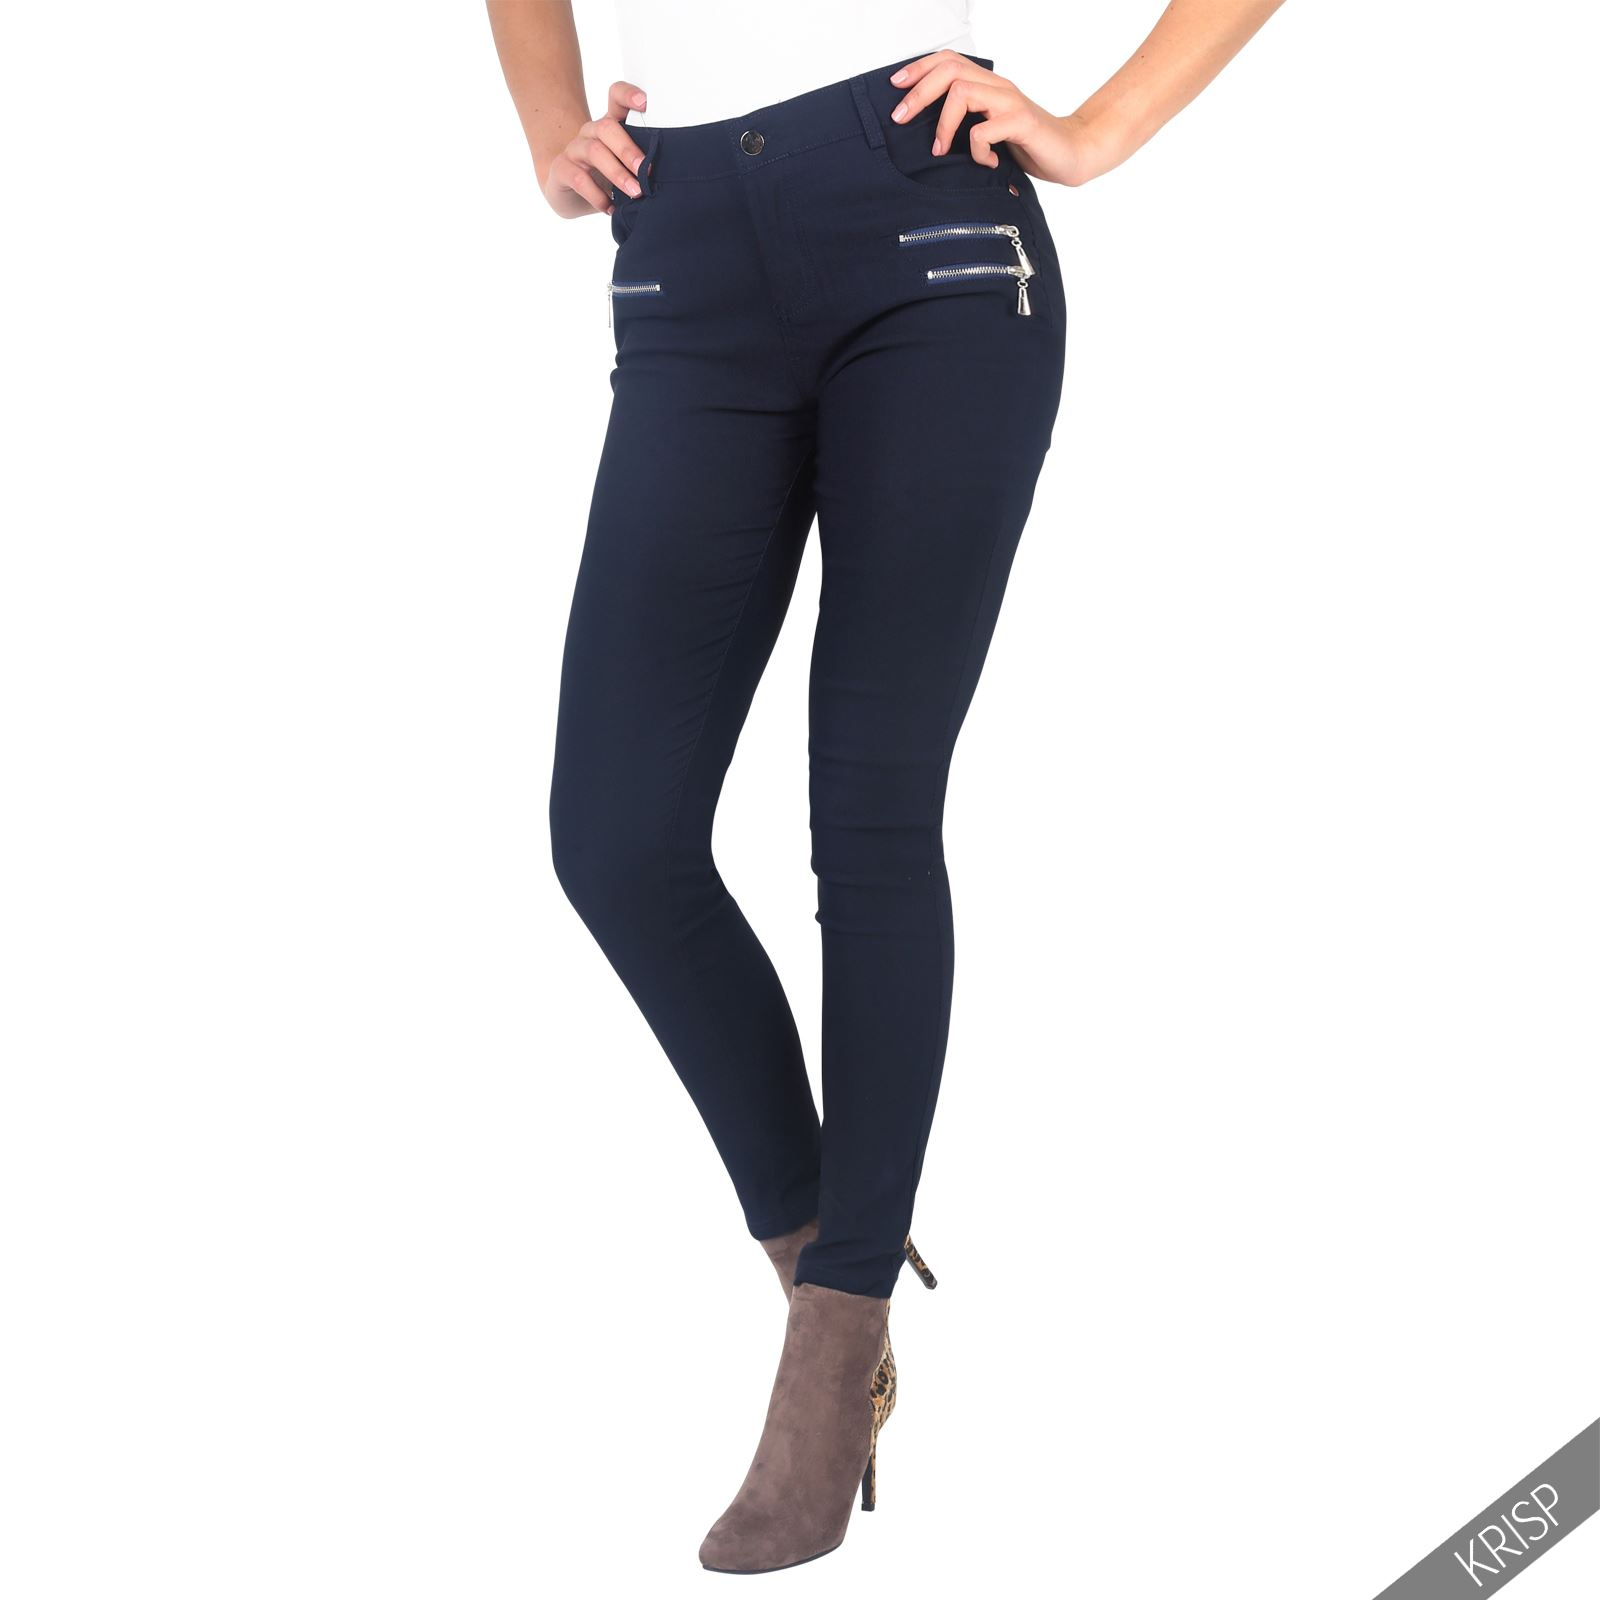 damen frauen basic normaler bund skinny hose enge jeans jeggings pants zipper ebay. Black Bedroom Furniture Sets. Home Design Ideas